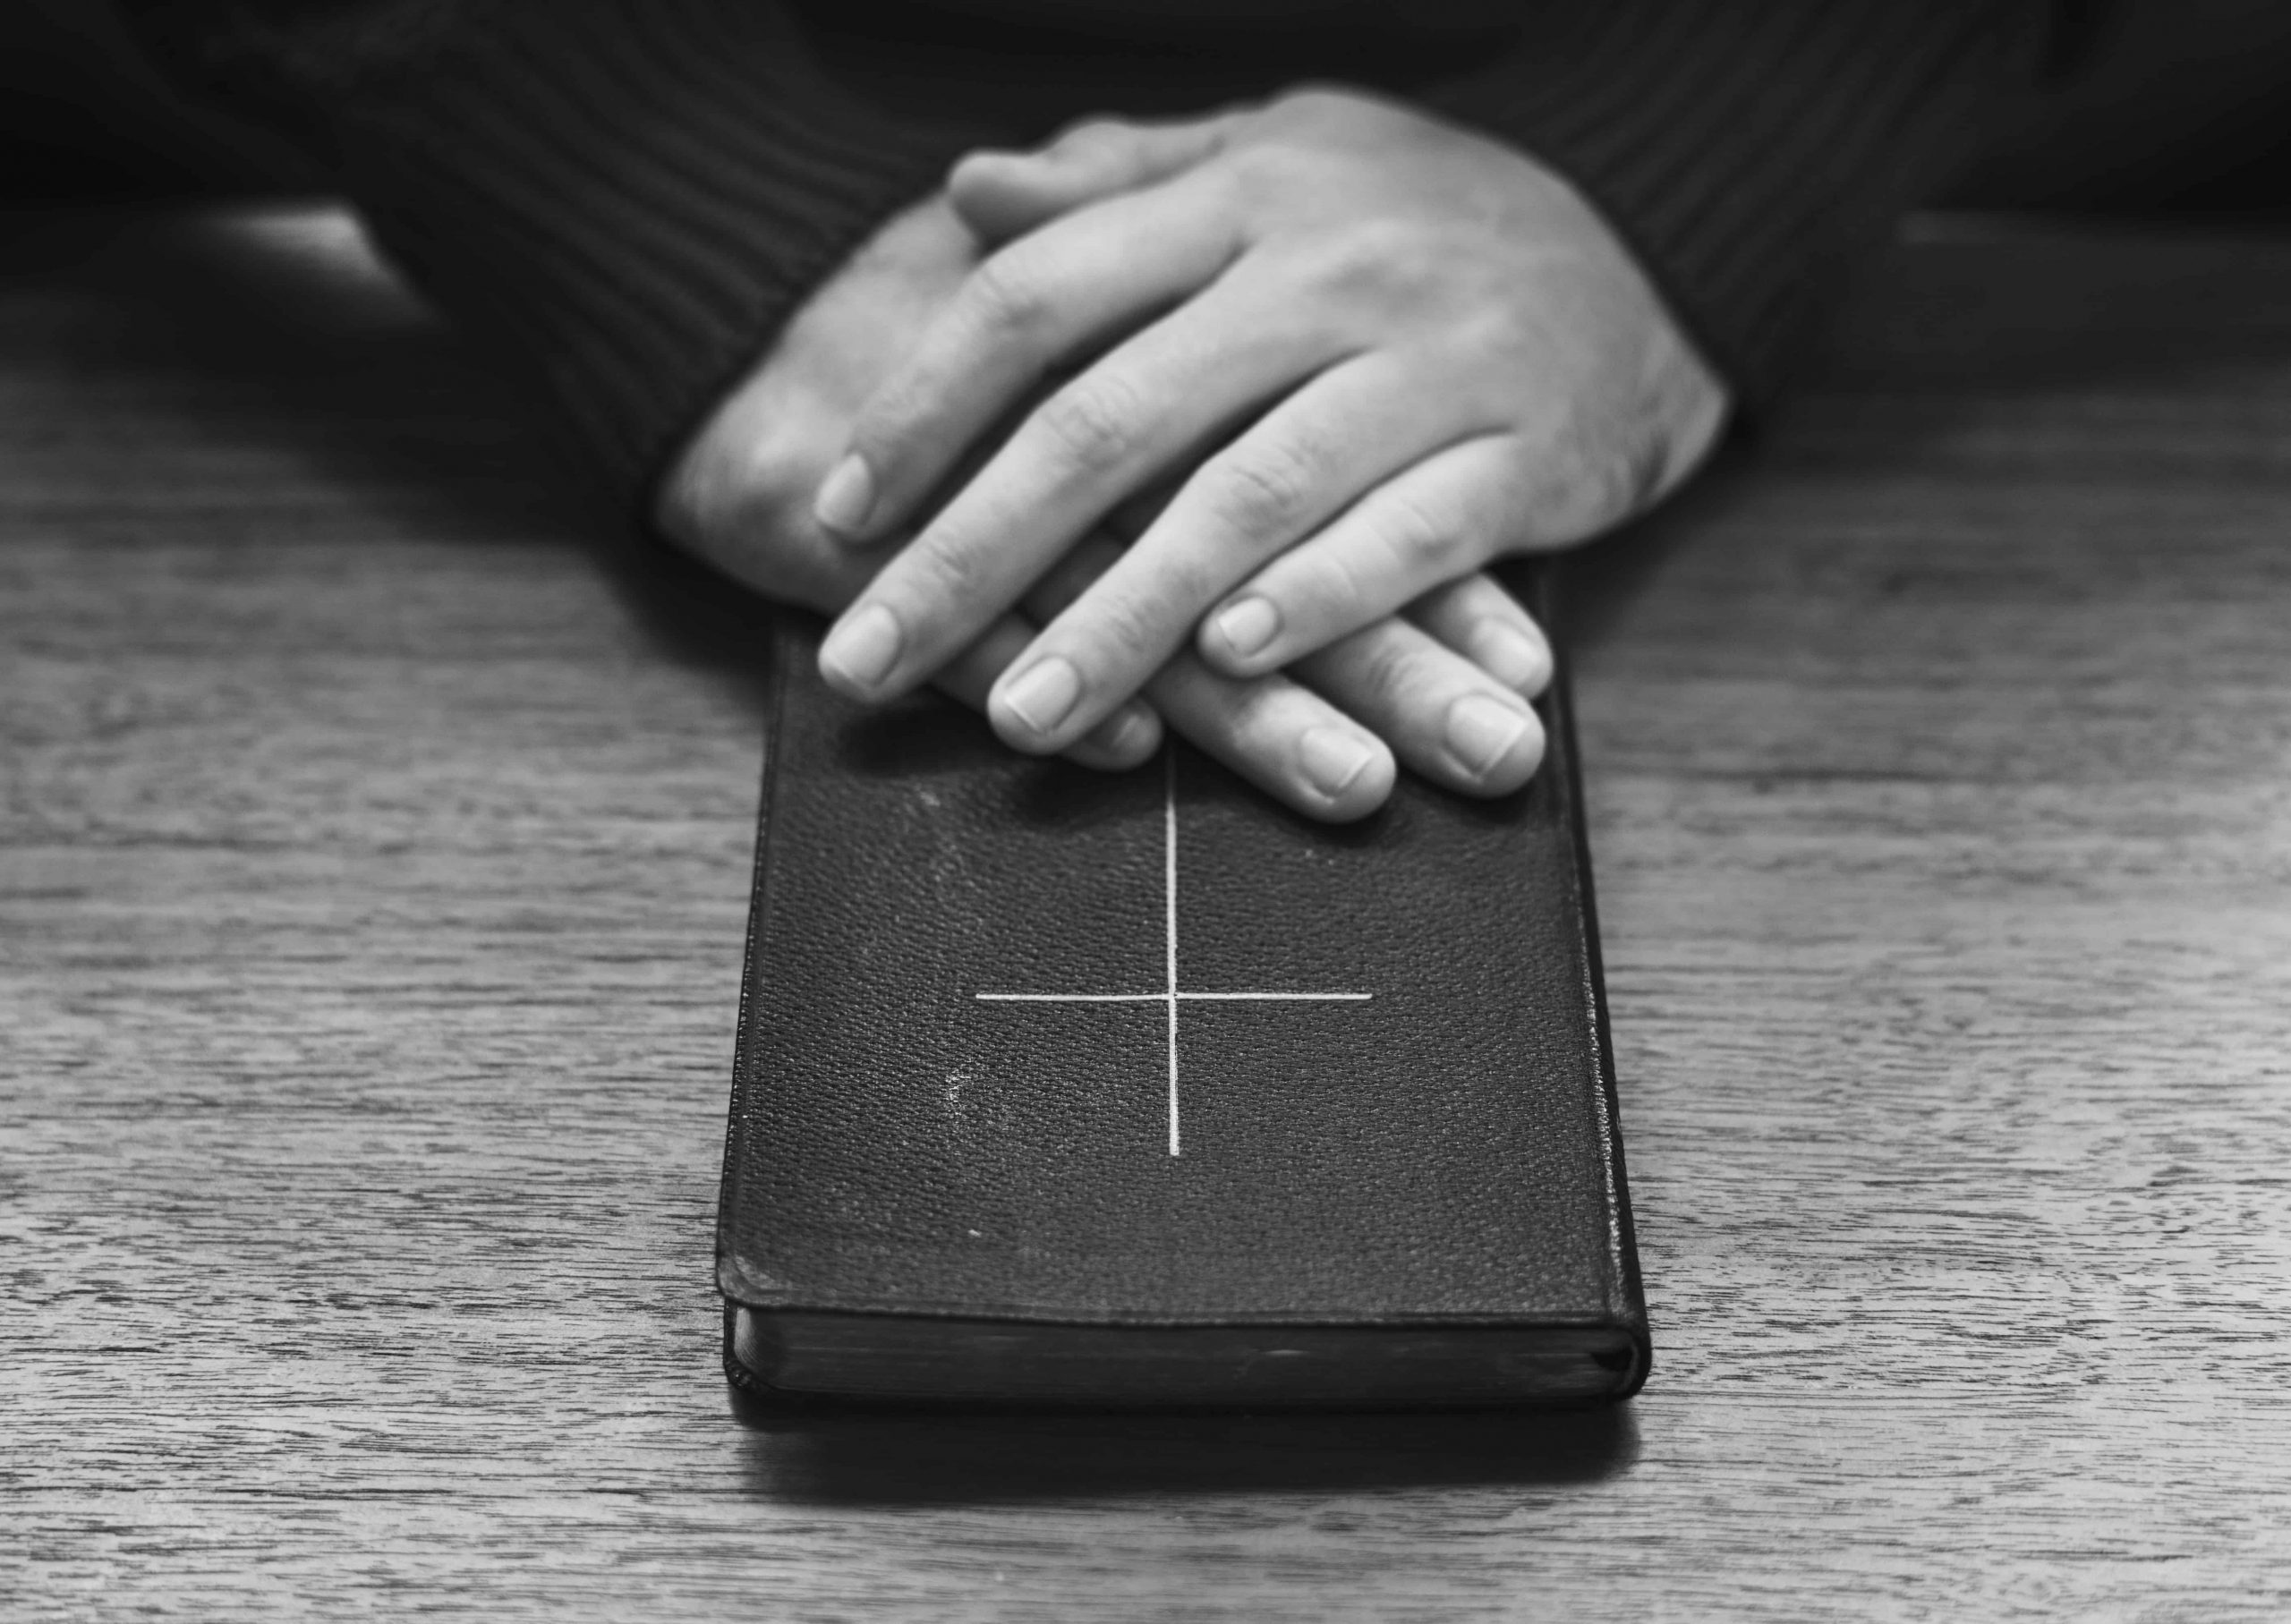 Imagem de um livro com uma cruz na capa sob uma superfície e duas mãos cruzadas em cima do livro.